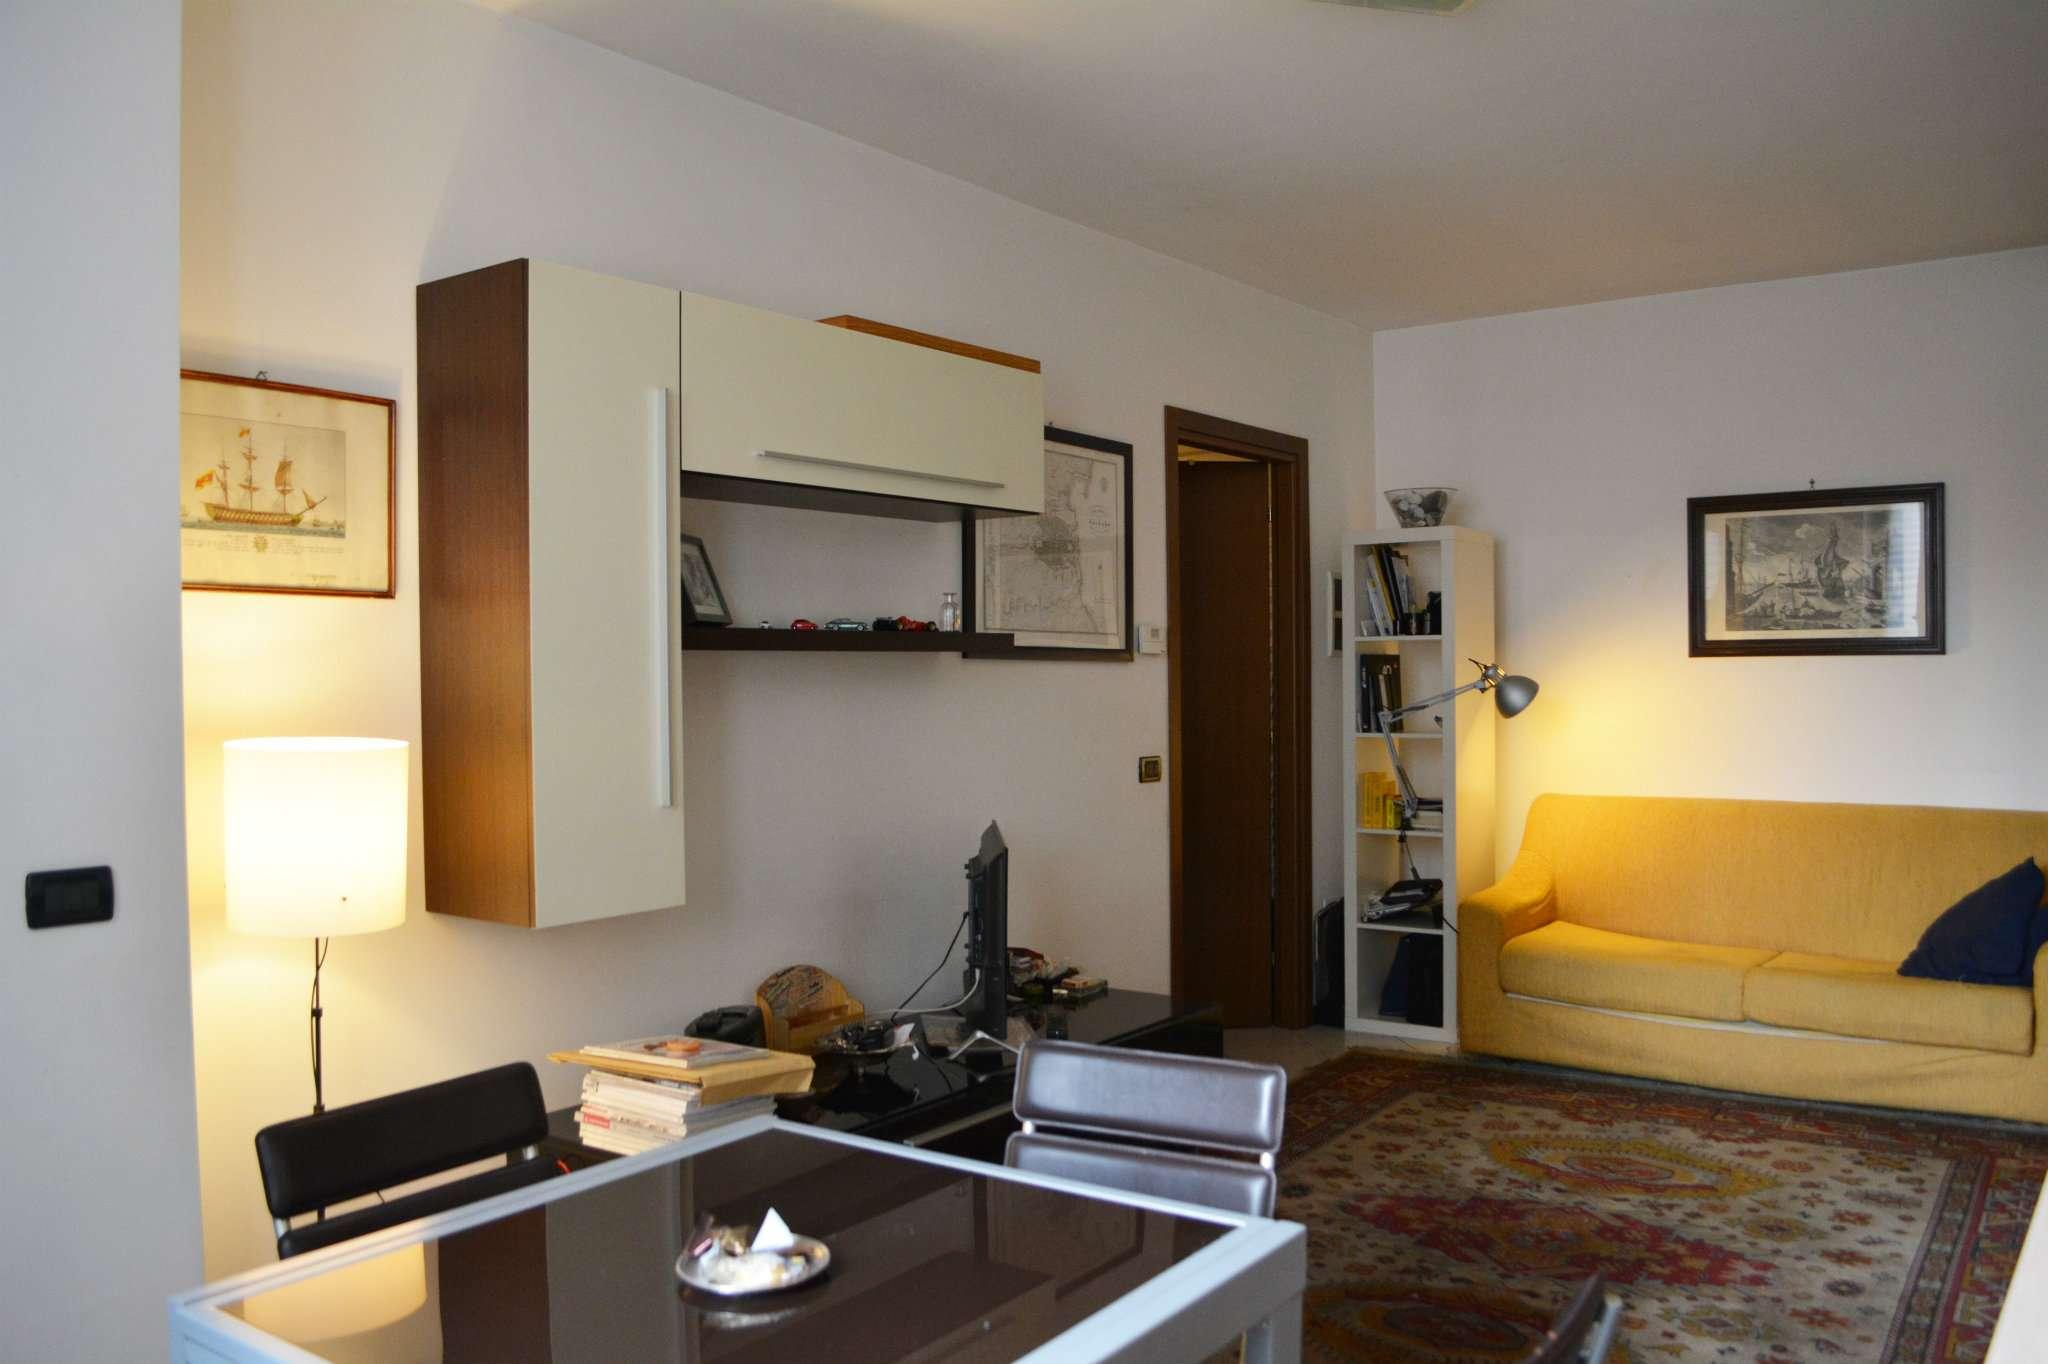 Appartamento in affitto a Peschiera Borromeo, 2 locali, prezzo € 650   CambioCasa.it